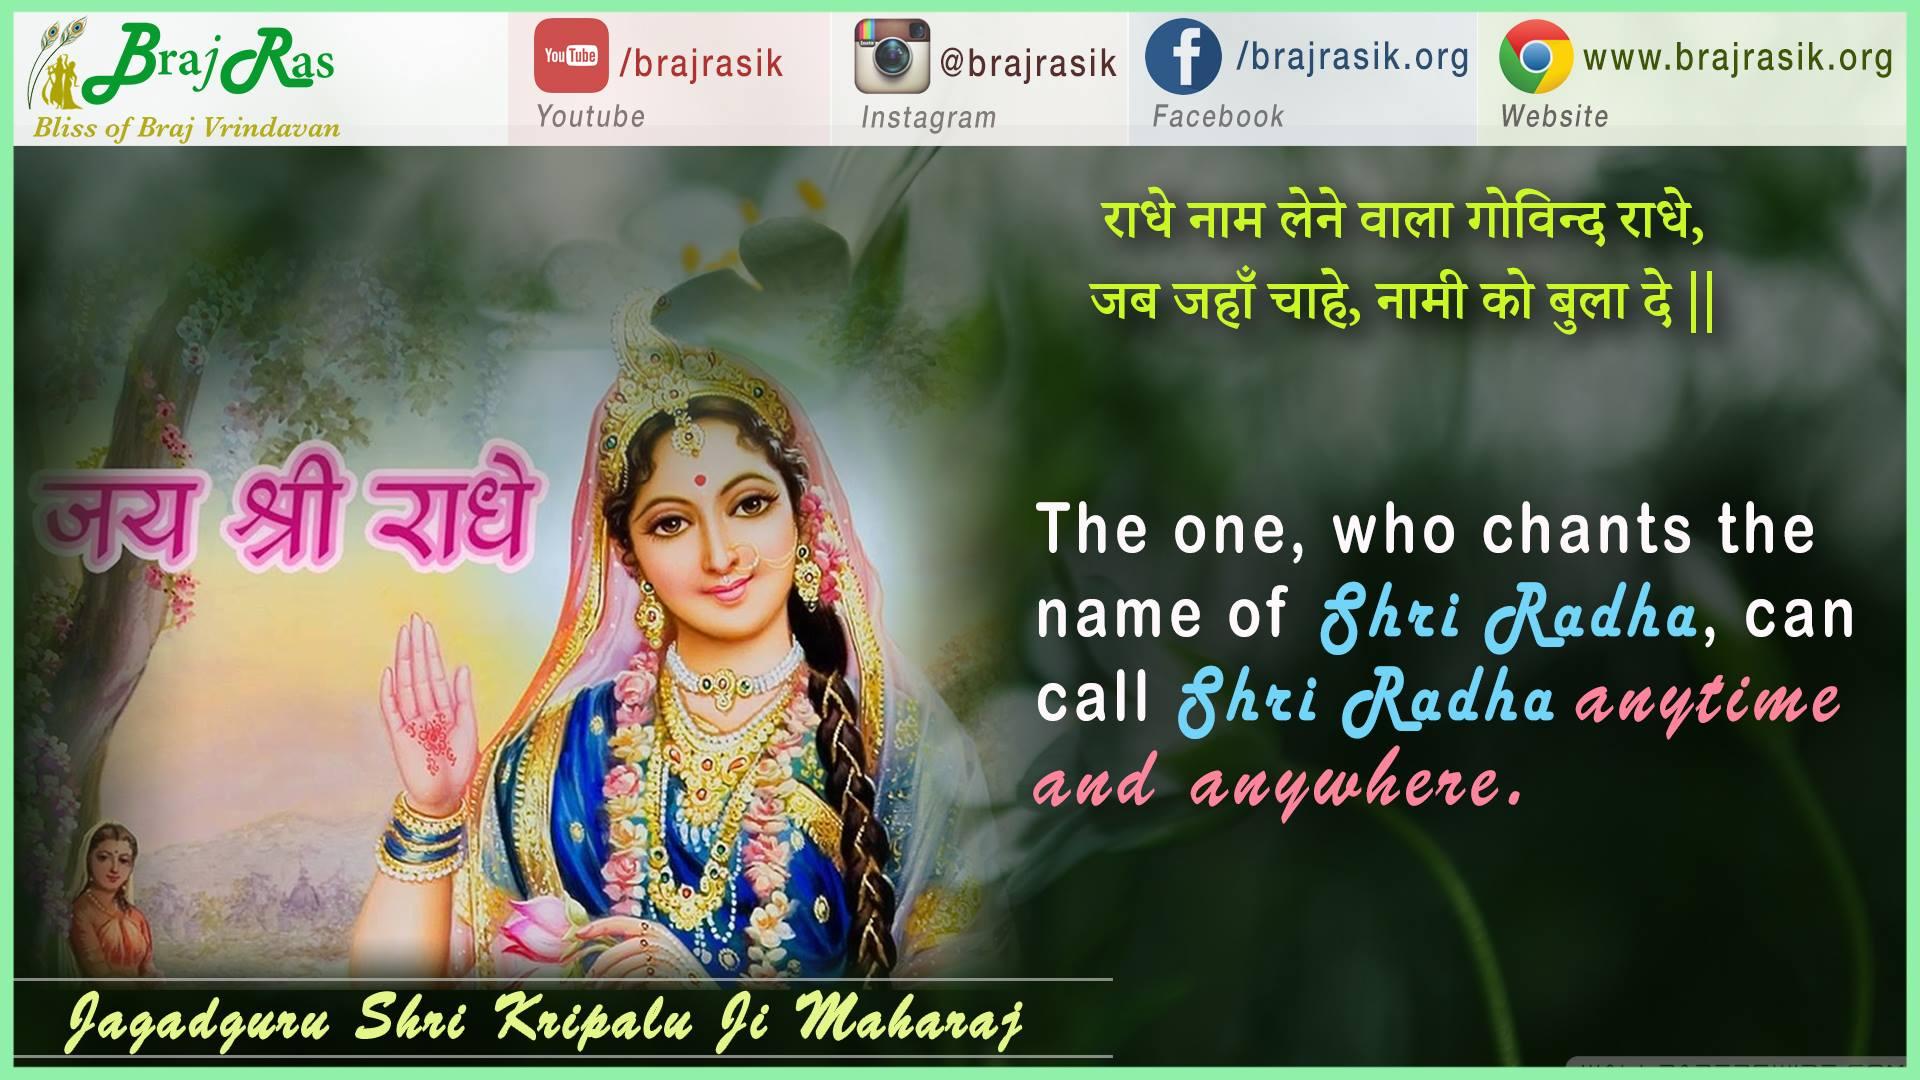 Radhey Naam Lene Wala Govind Radhey - Radha Govind Geet, Jagadguru Shri Kripalu Ji Maharaj